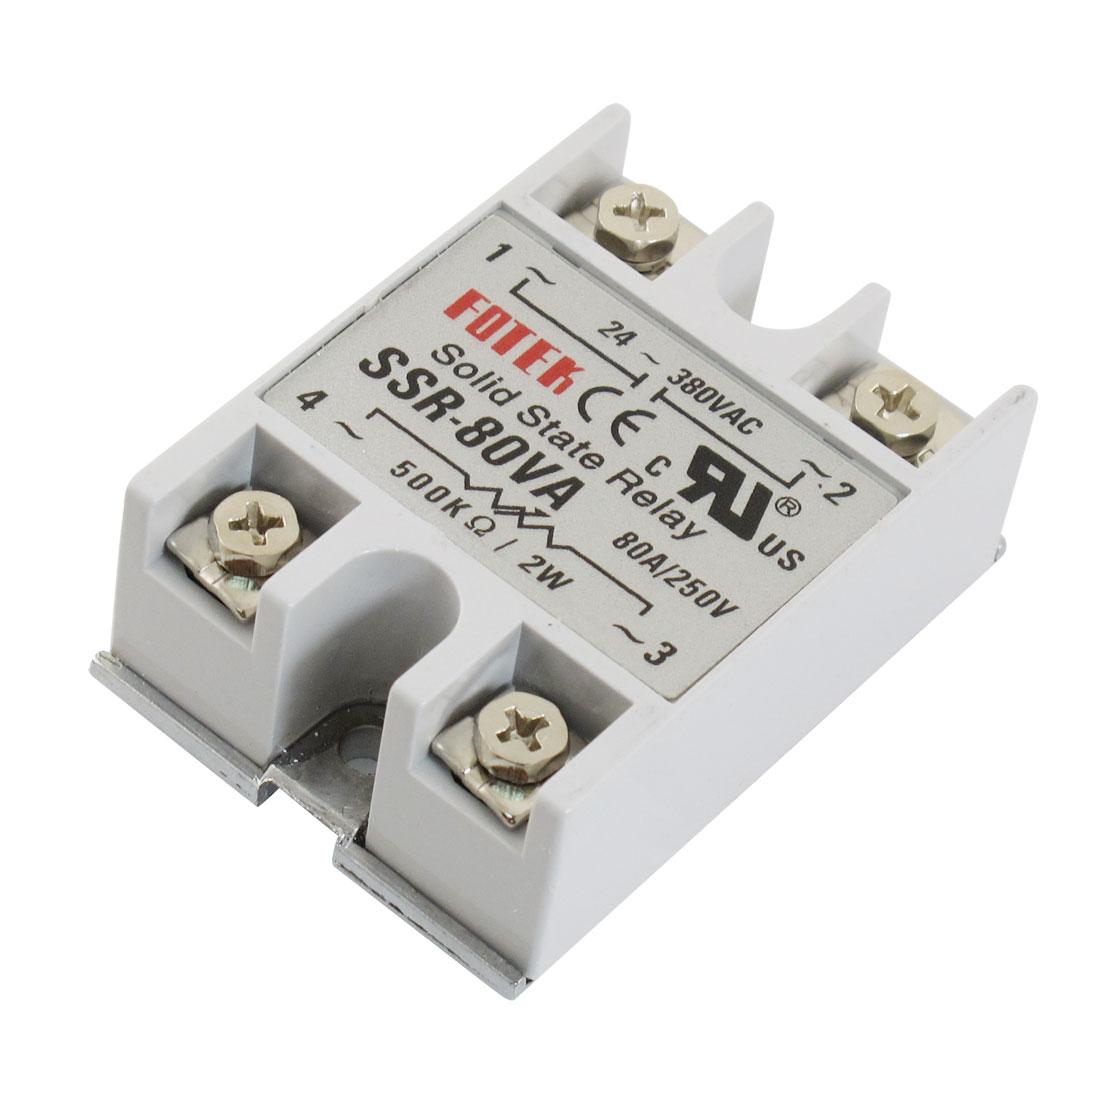 Temperature-Control-SSR-80VA-Solid-State-Relay-250VAC-80A-500-Kohm-2W